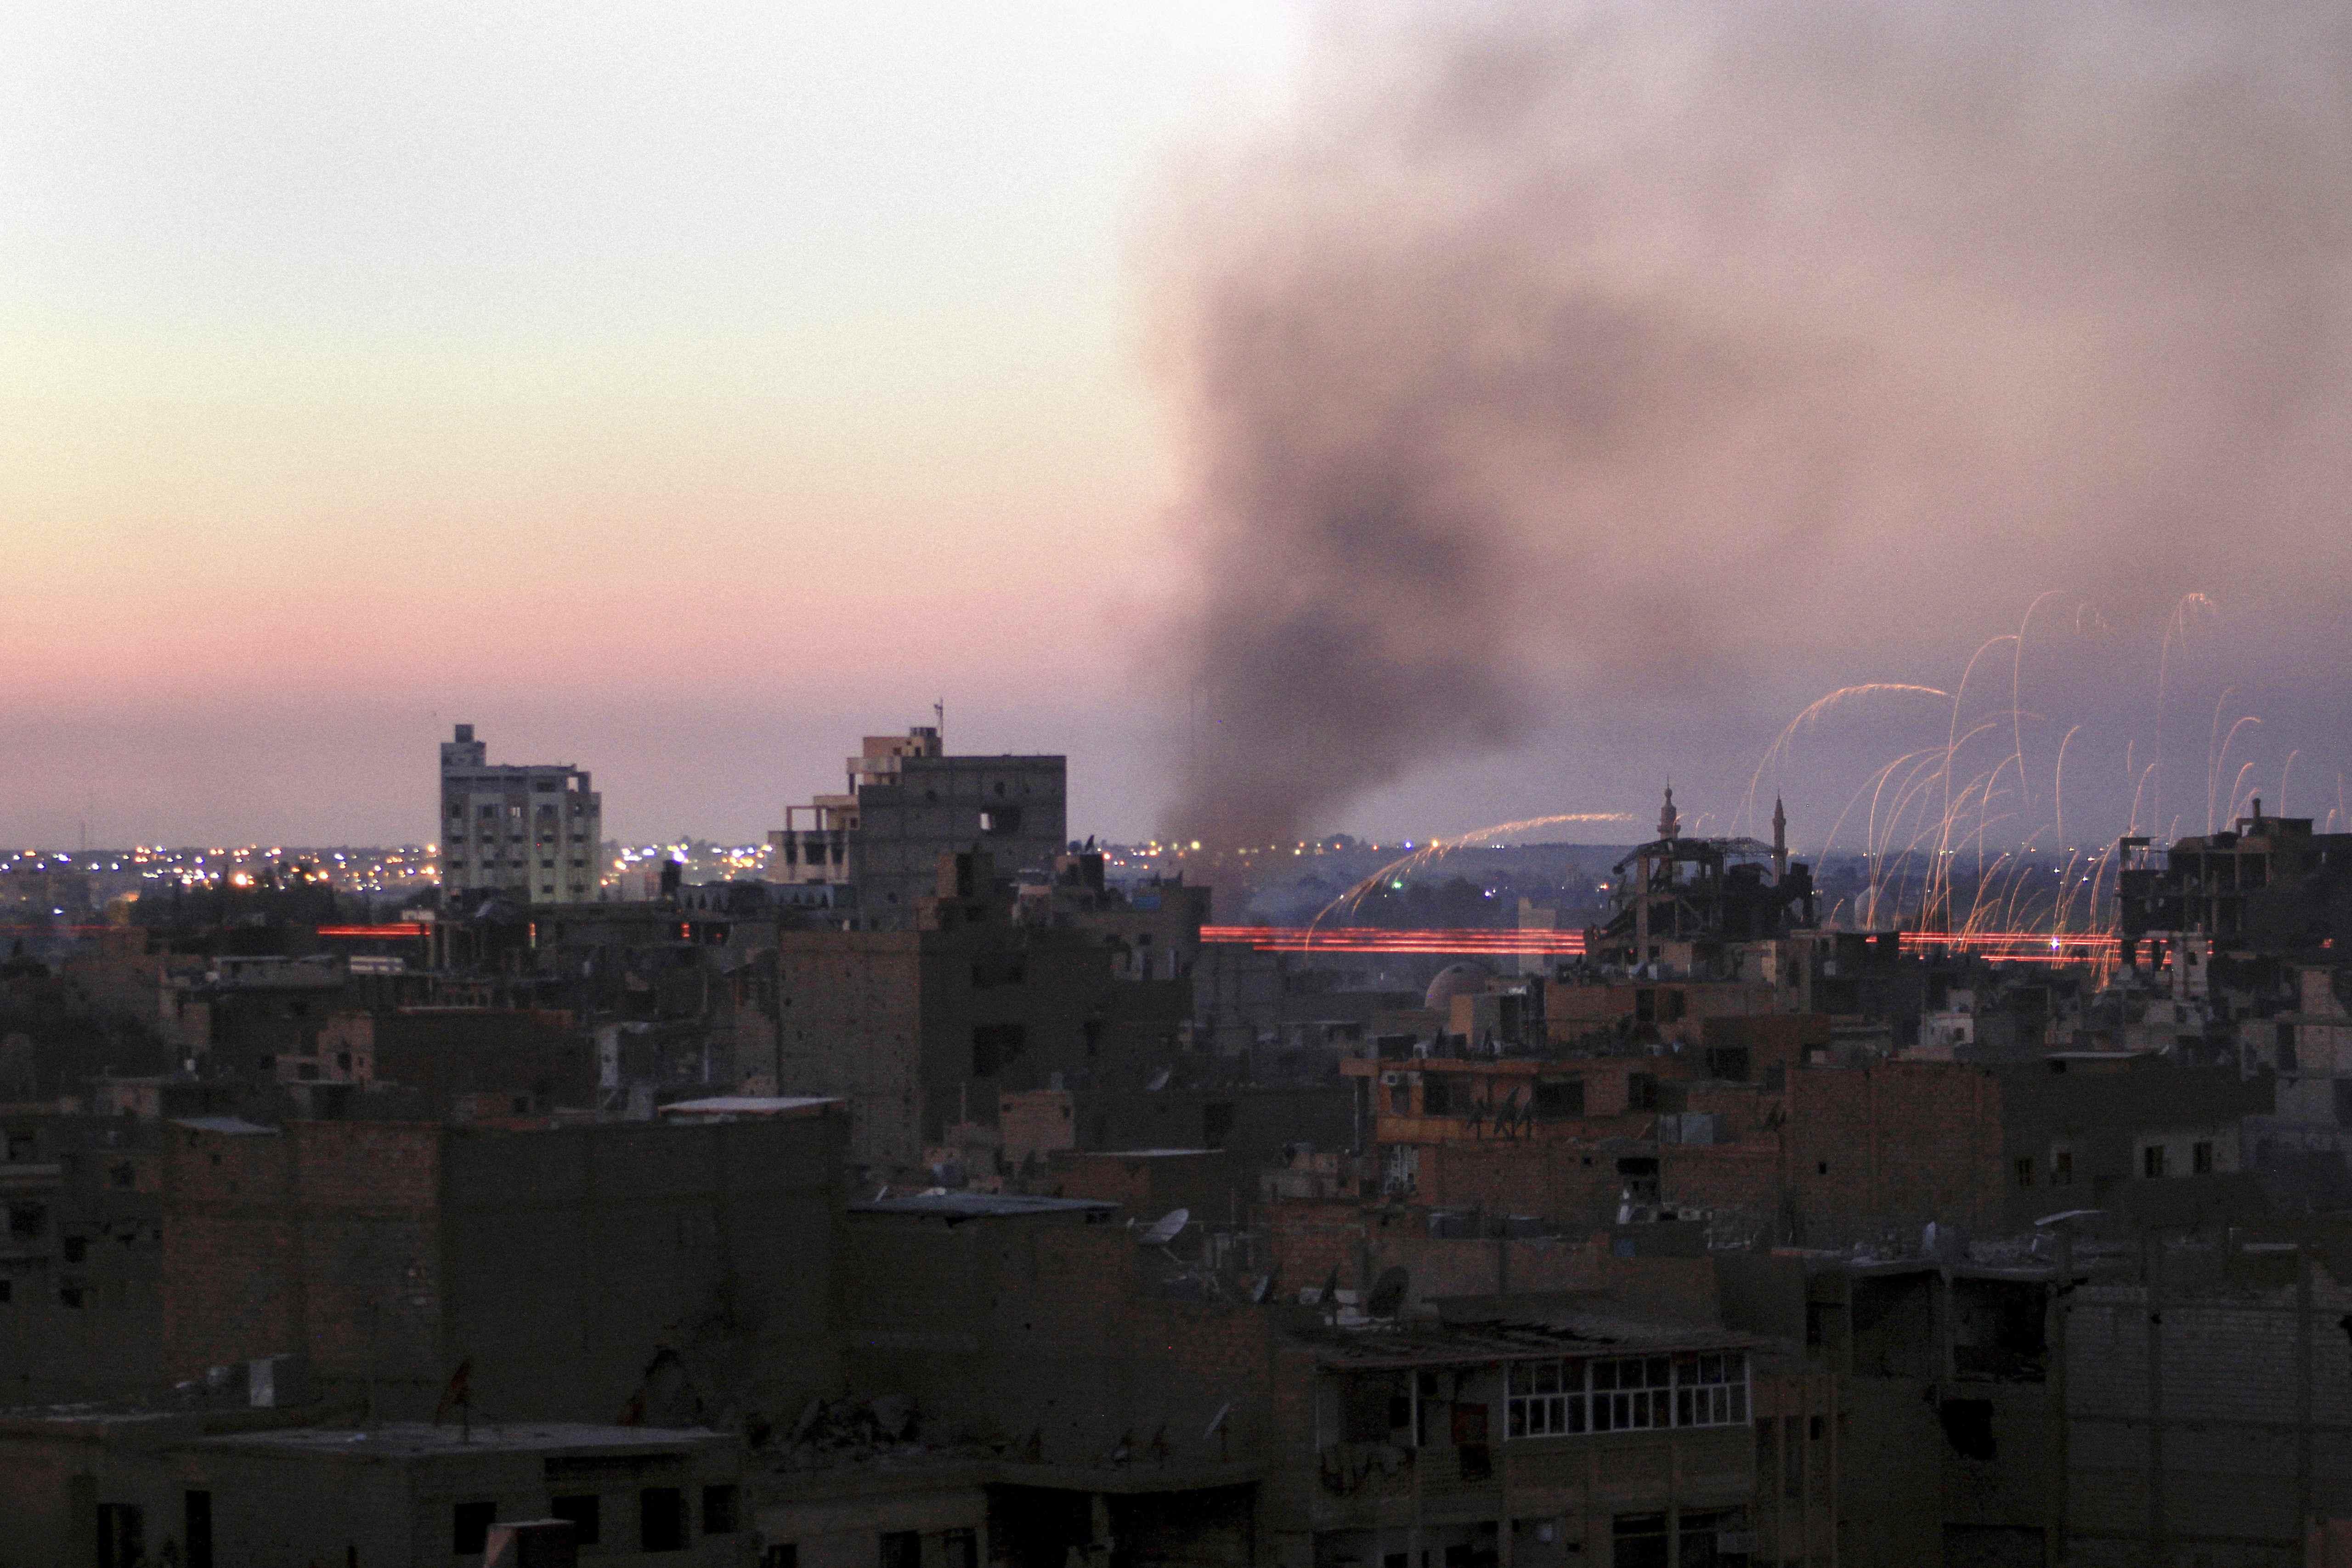 Foto vom Raketenbeschuss eines Stadtteils von Deir Ezzor (Fotograf: Hayyan al-Yousouf)